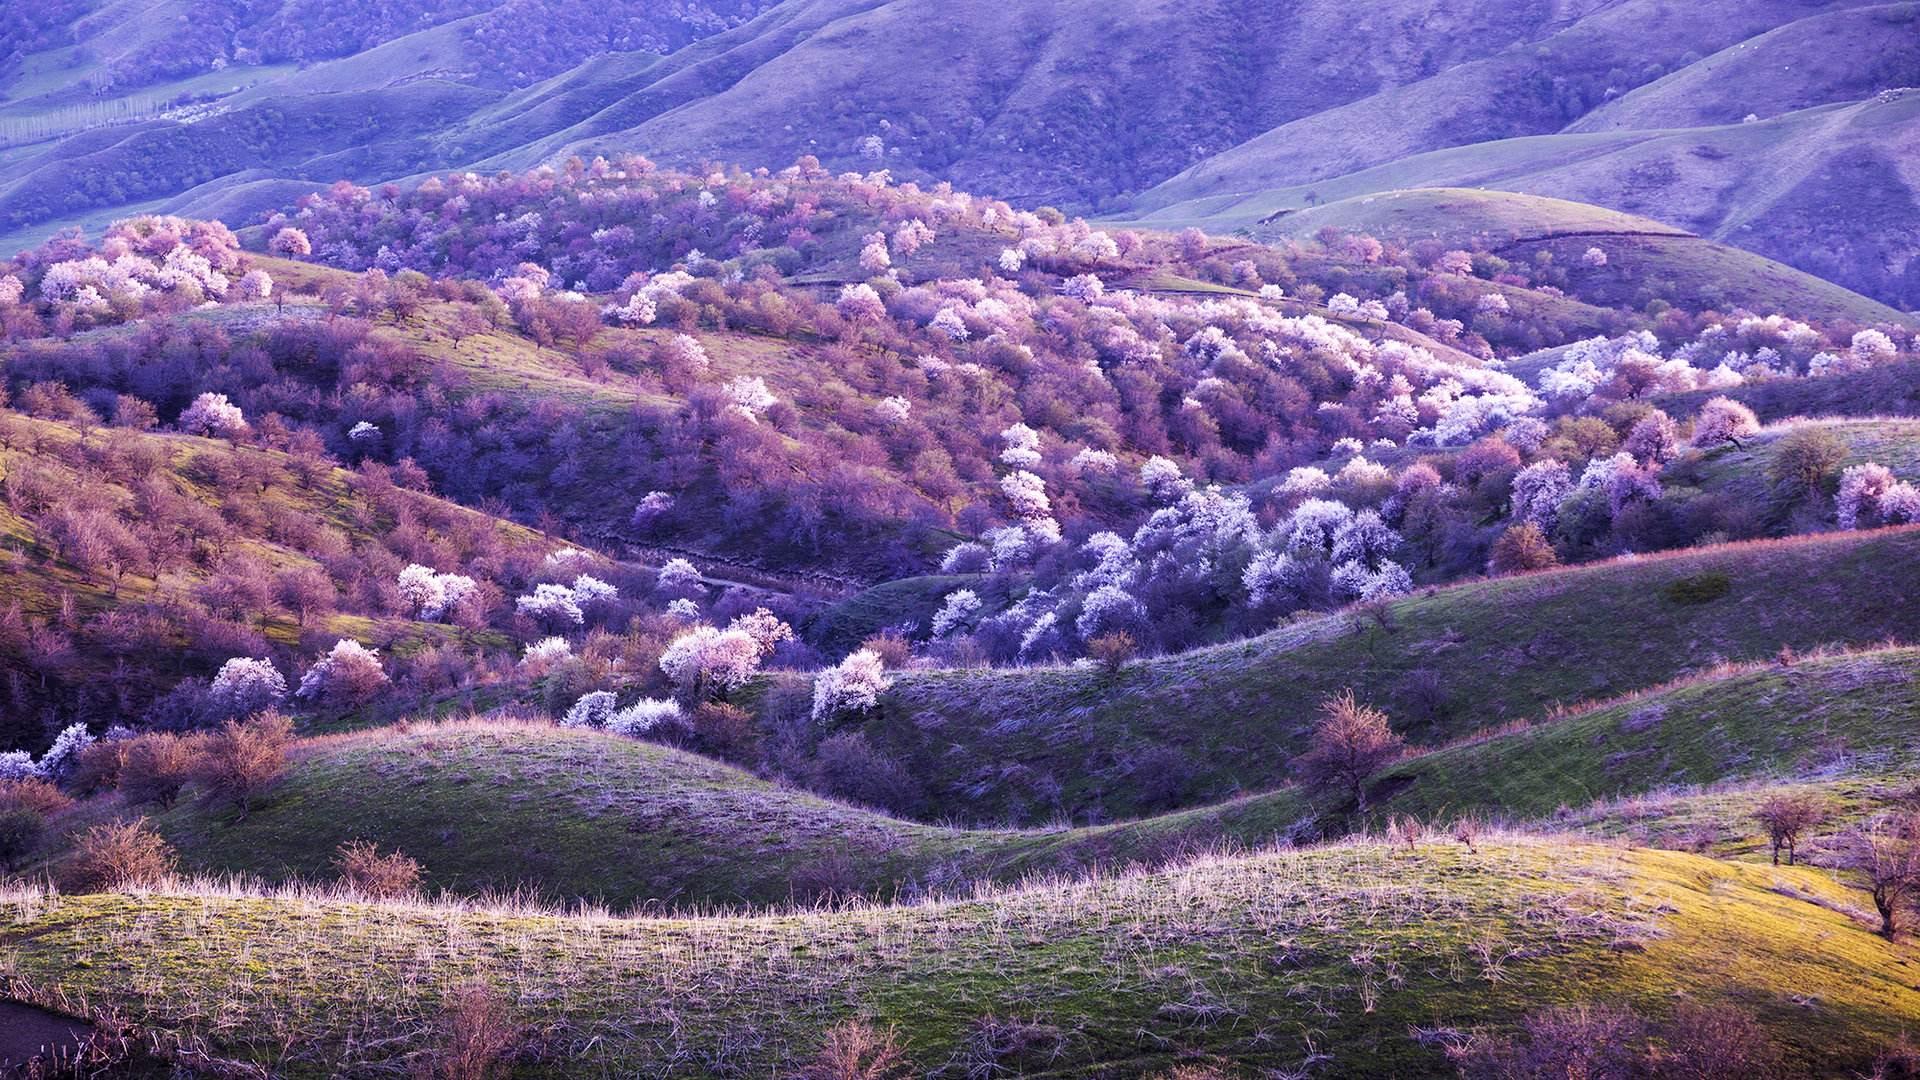 新疆旅游包车逍遥游-说走就走的旅行-体验北疆的美-人间仙境喀纳斯、高山湖泊赛里木